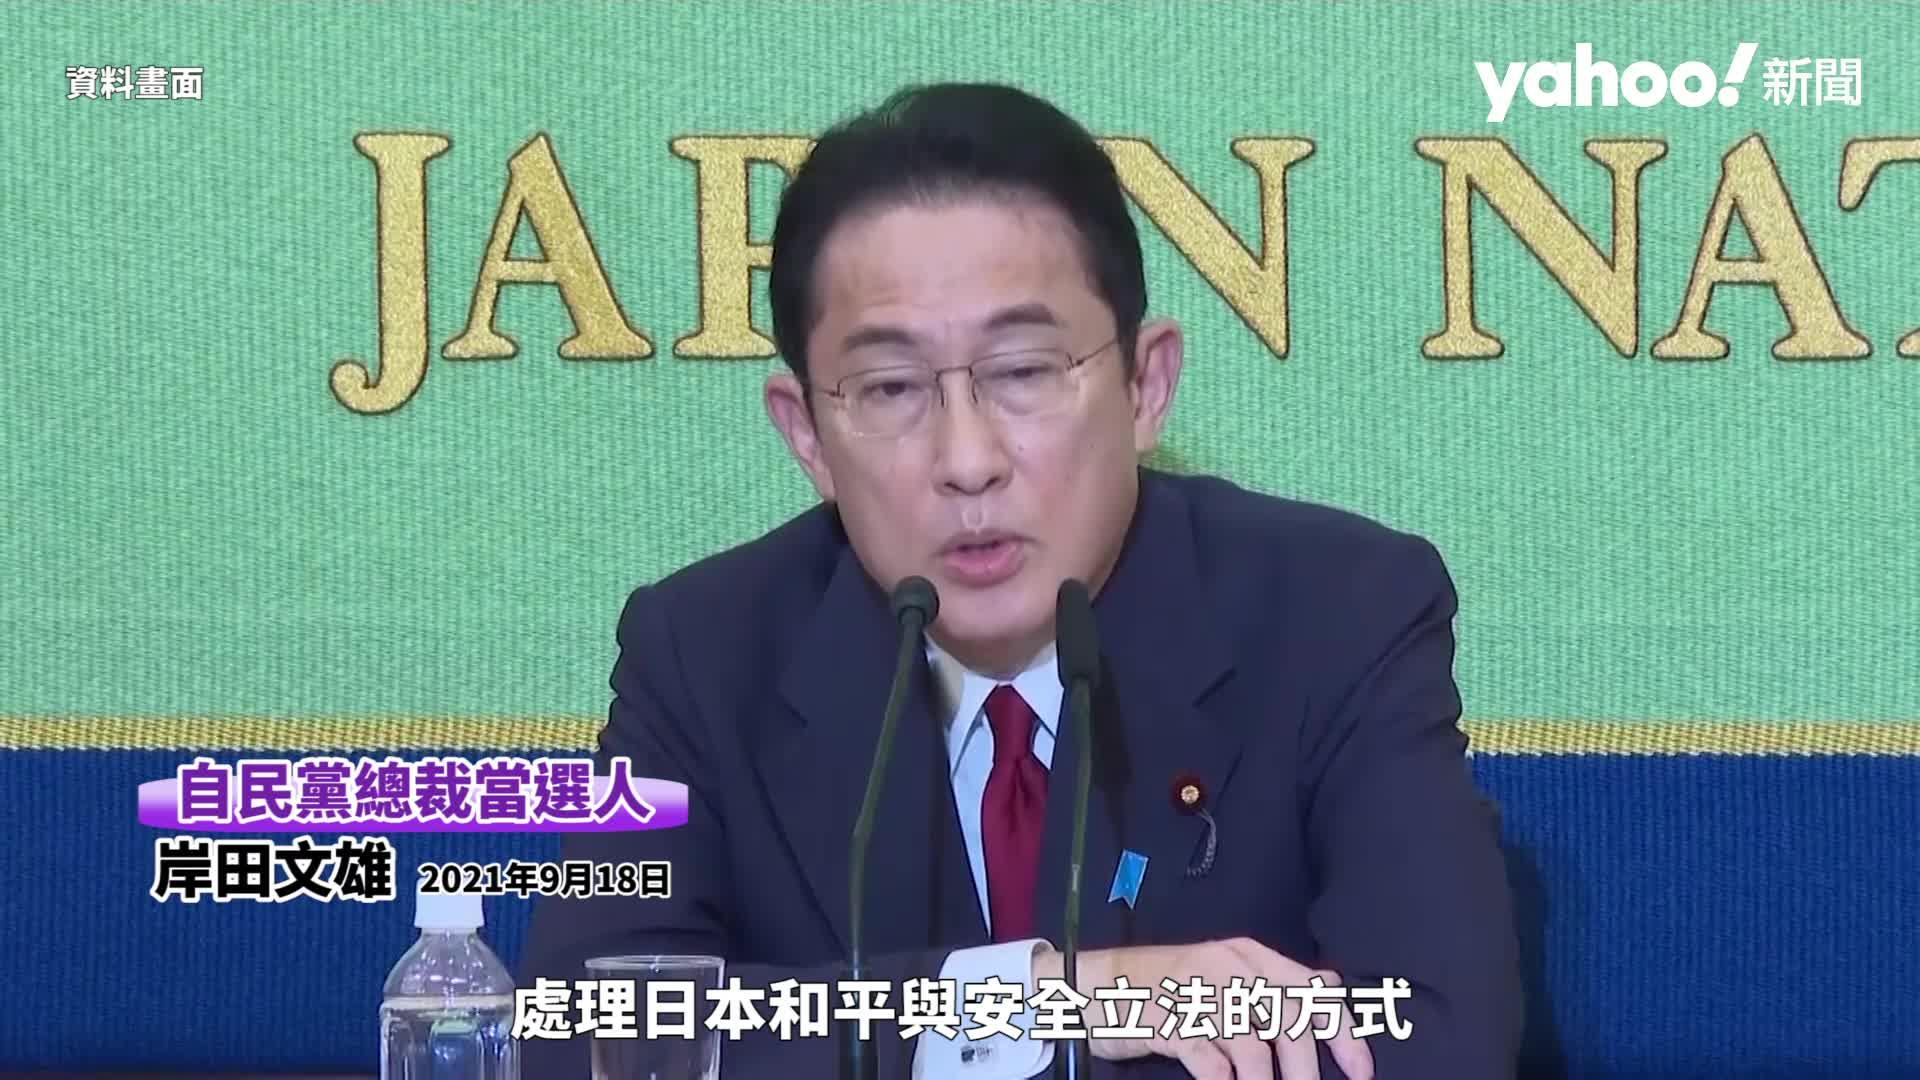 岸田文雄當選自民黨總裁 將任日本第100任首相